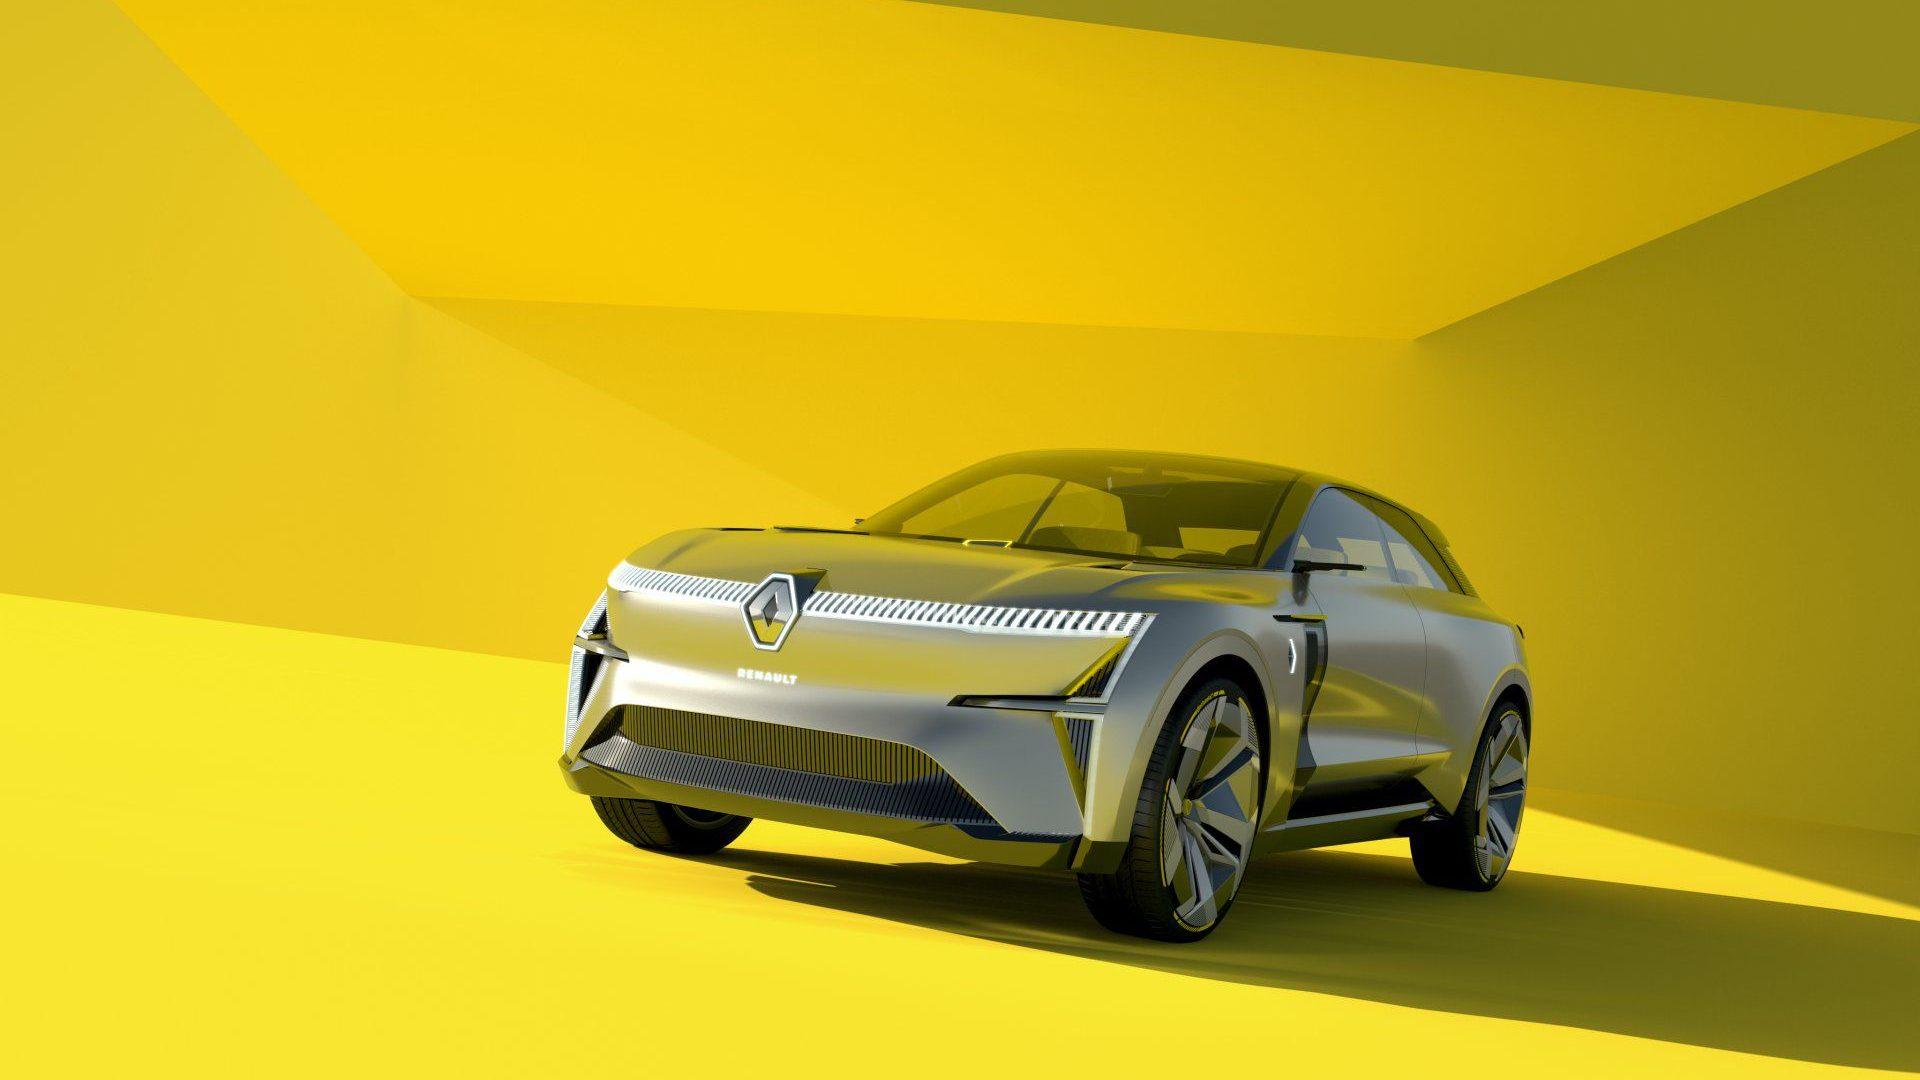 2020-Renault-Morphoz-Concept-016